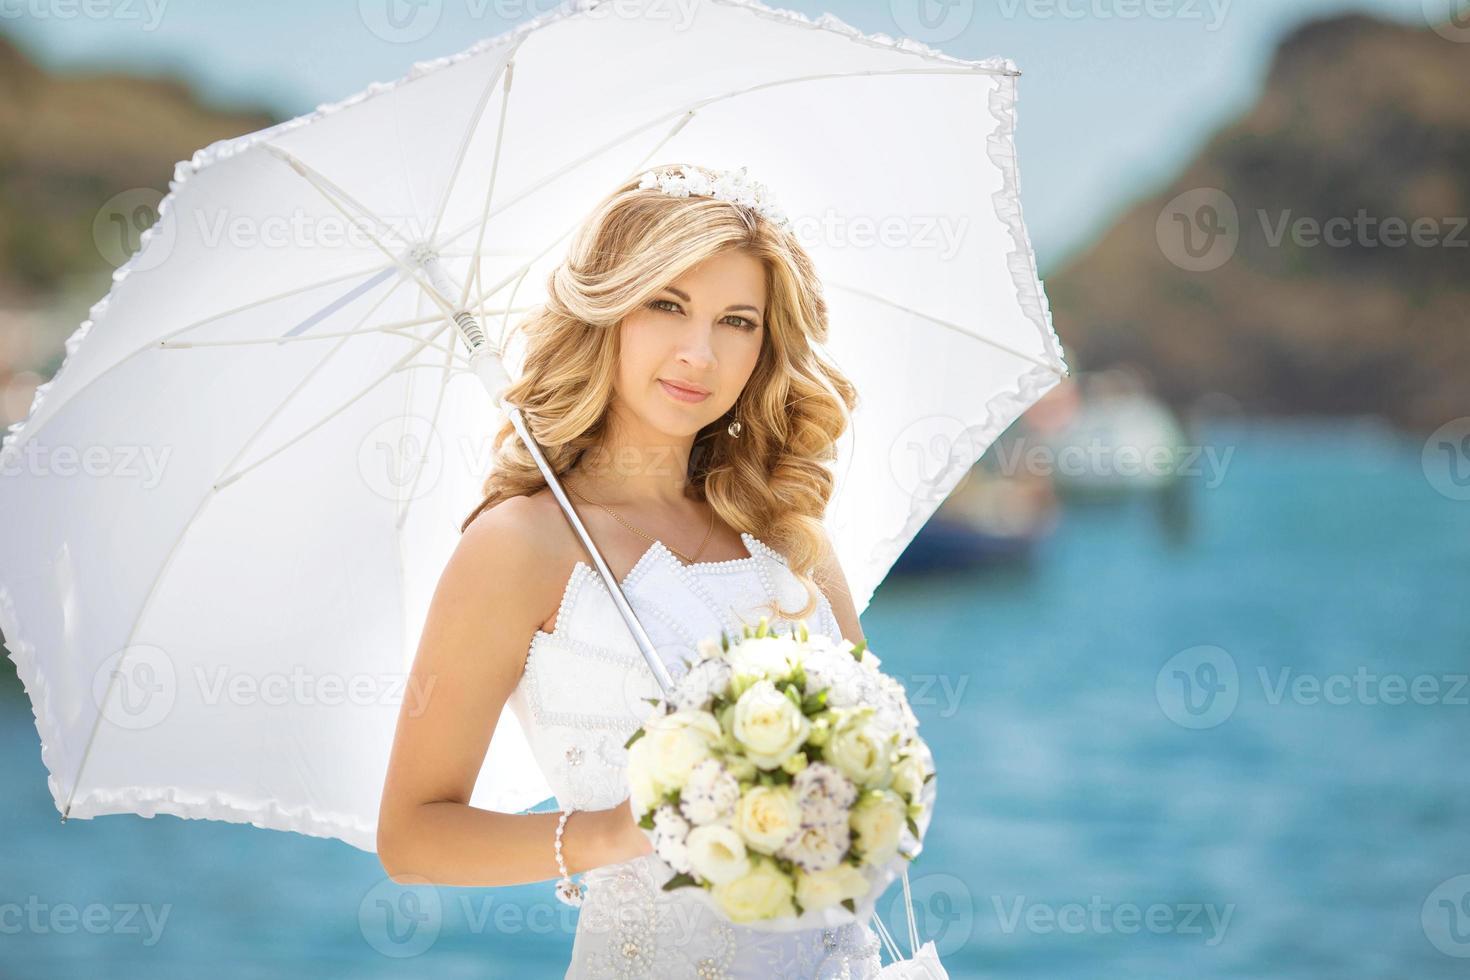 belle fille mariée en robe de mariée avec parapluie blanc photo